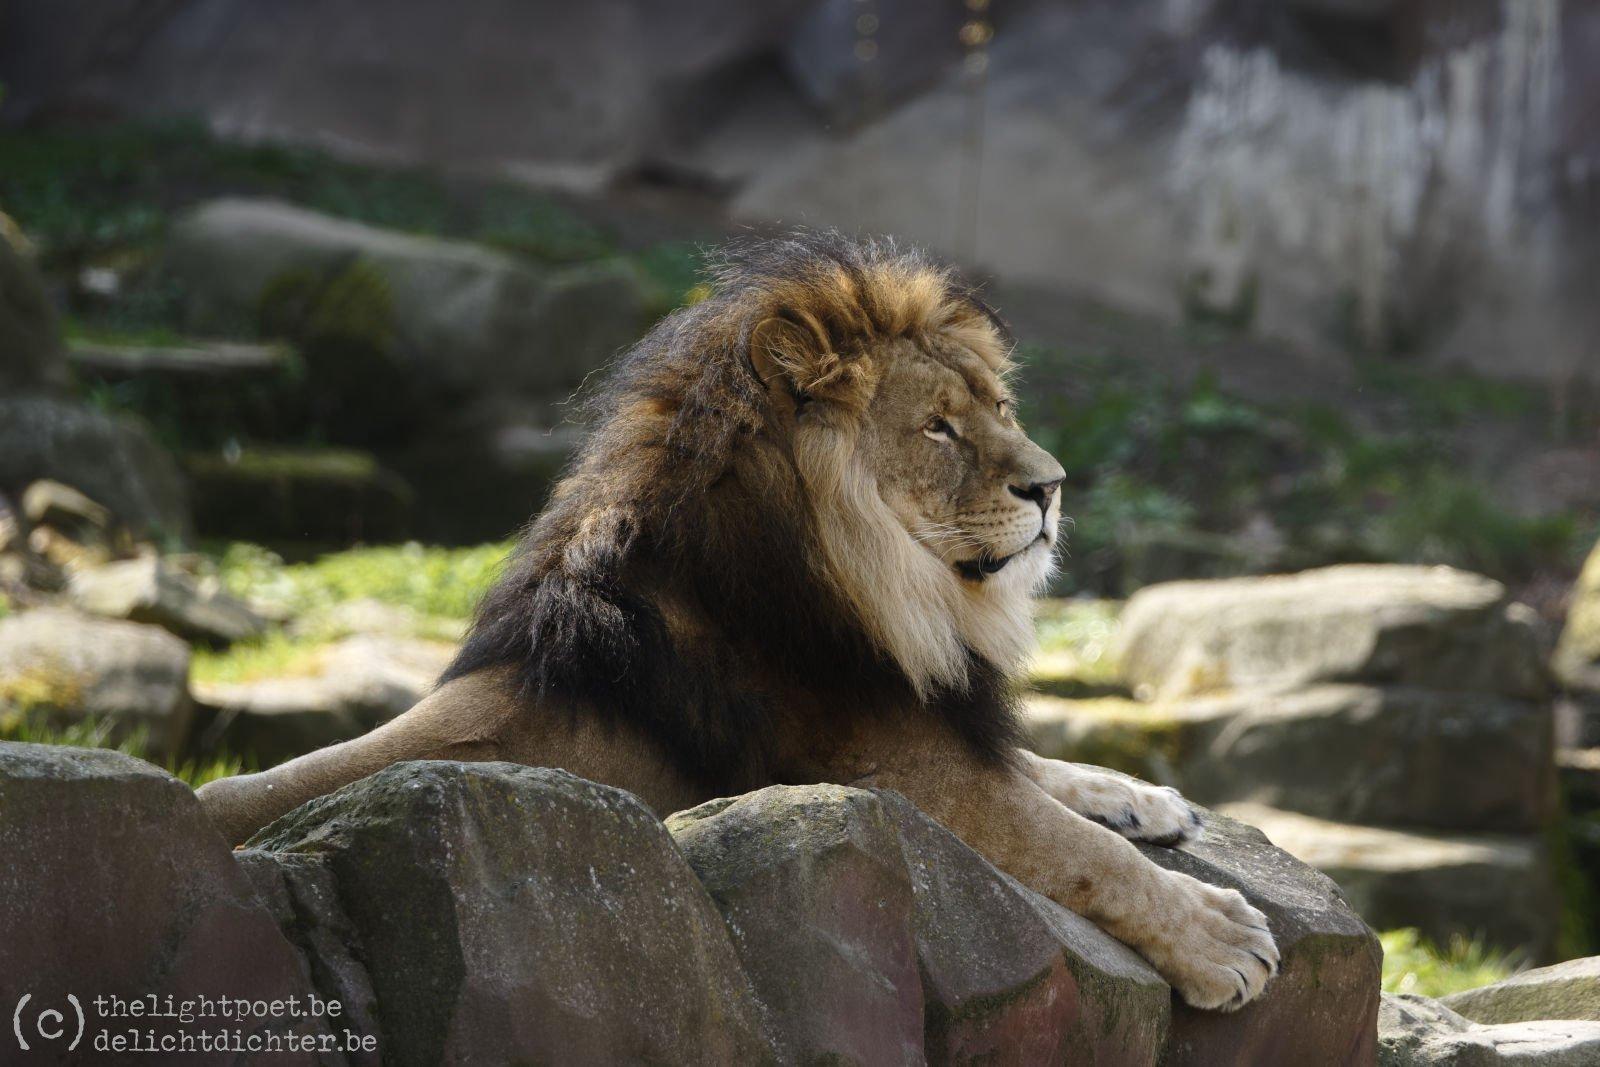 2019_04_Zoo_20190407_135044_DxO_PL2_1600px